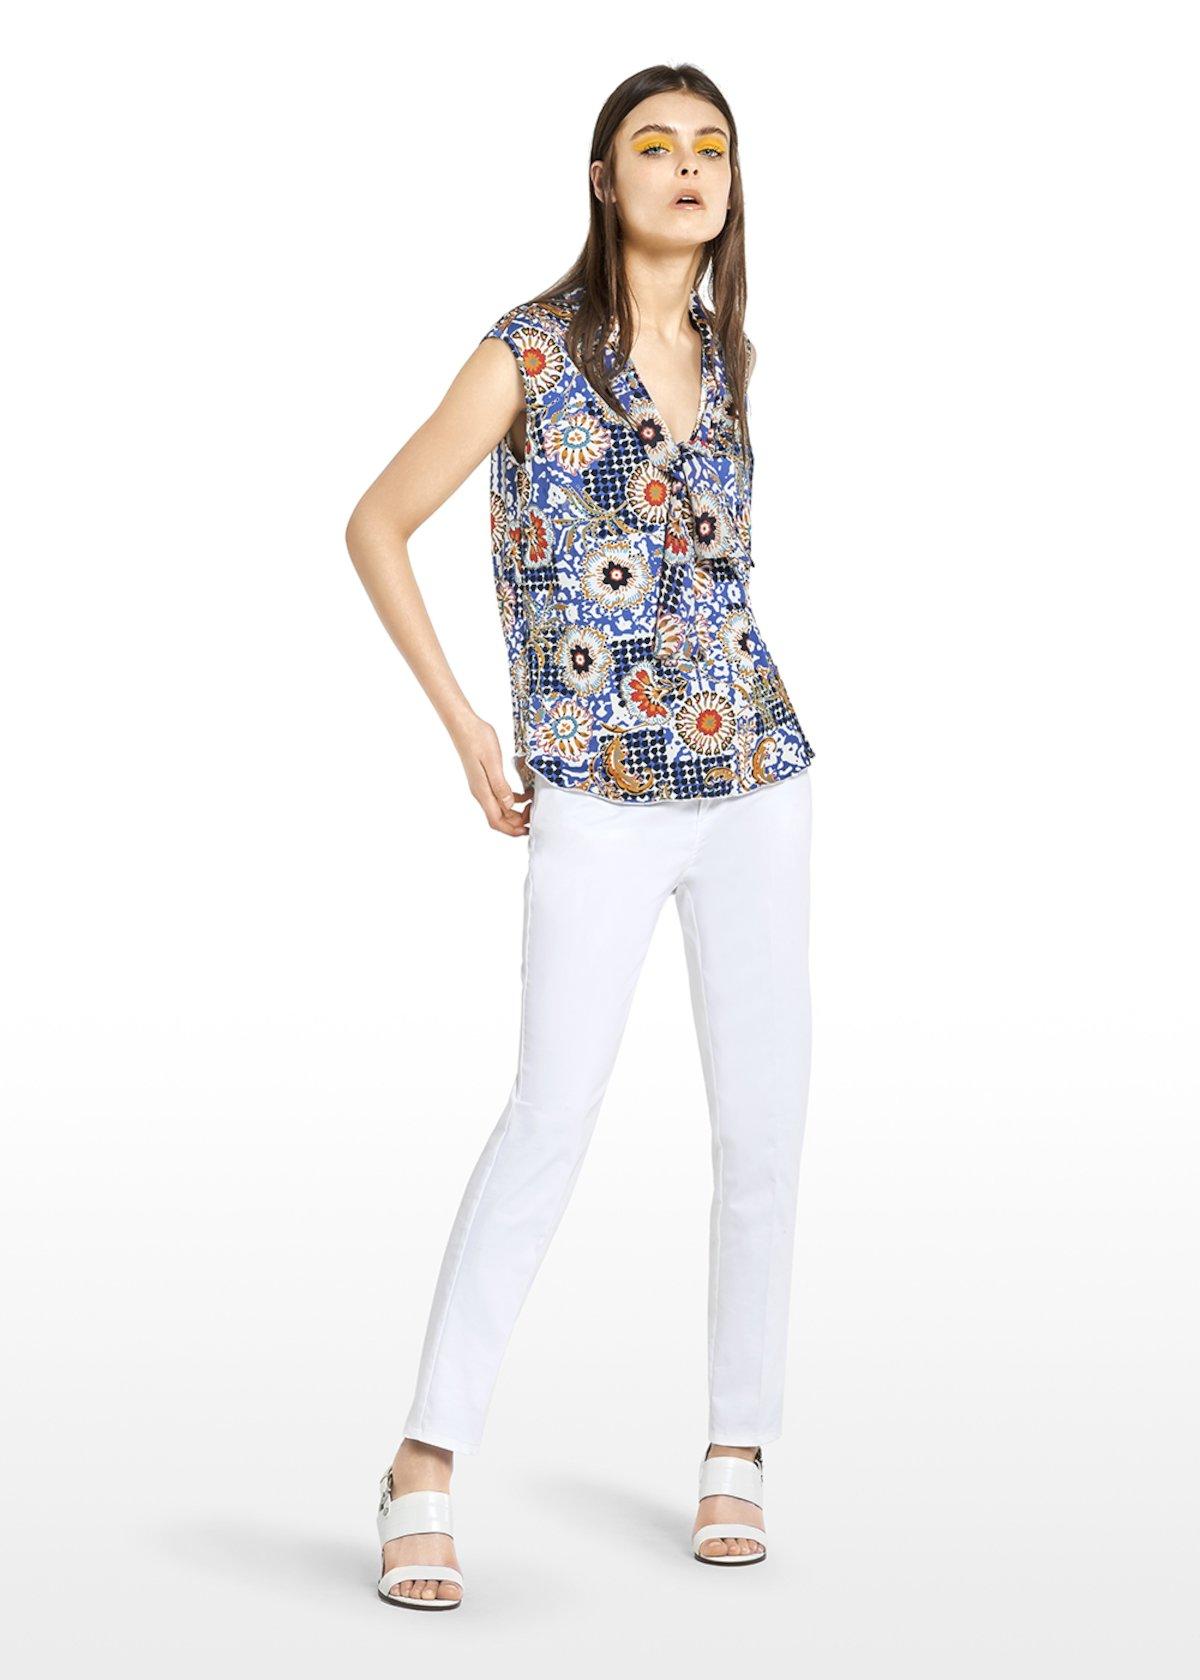 Taty sleeveless top Ankara print - Avion / White Fantasia - Woman